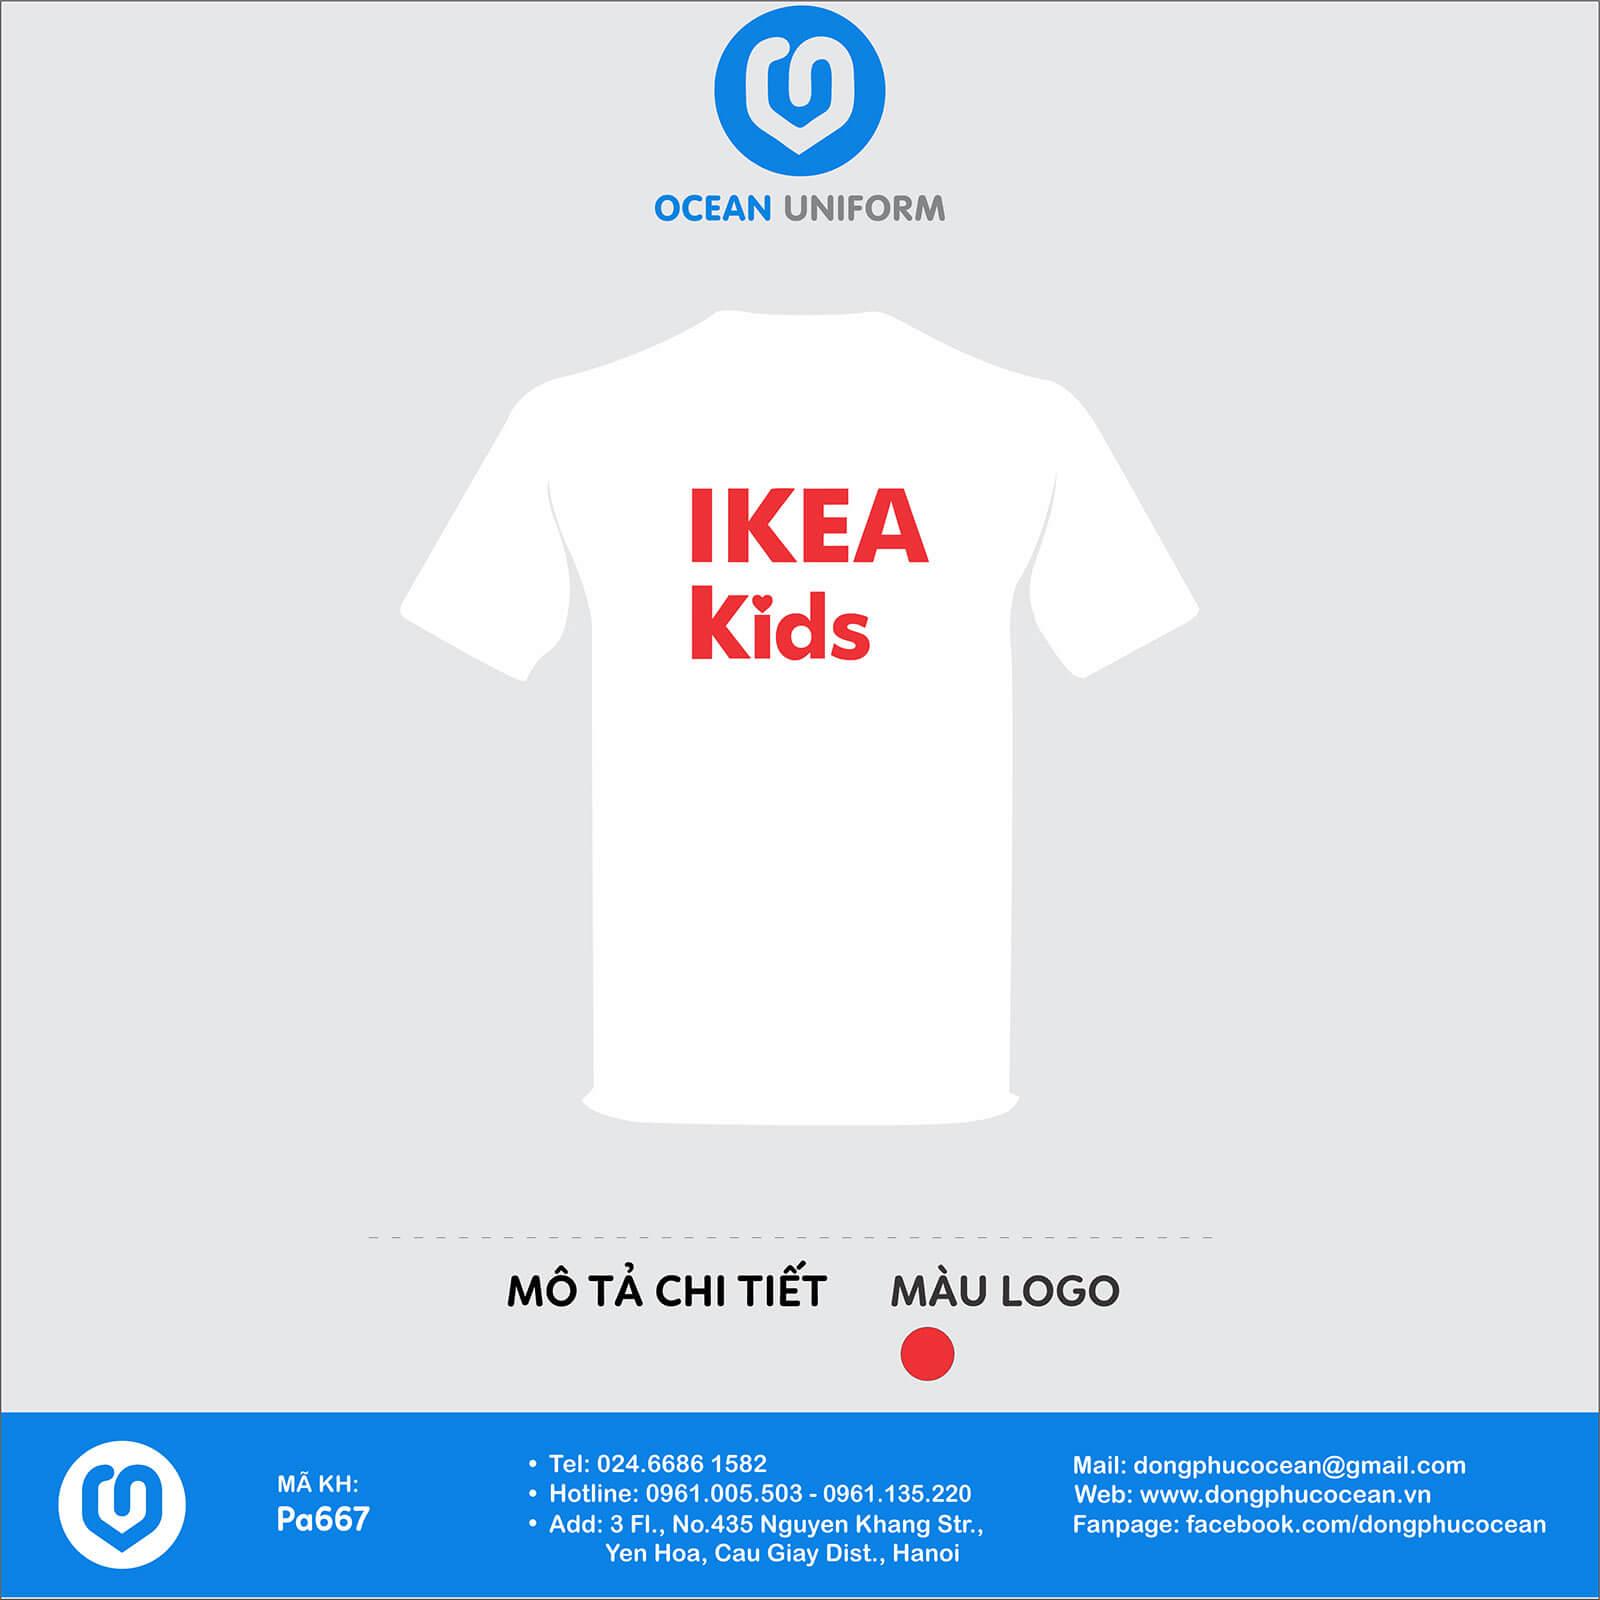 Áo đồng phục nhân viên Cửa hàng IKea Kisd mặt sau